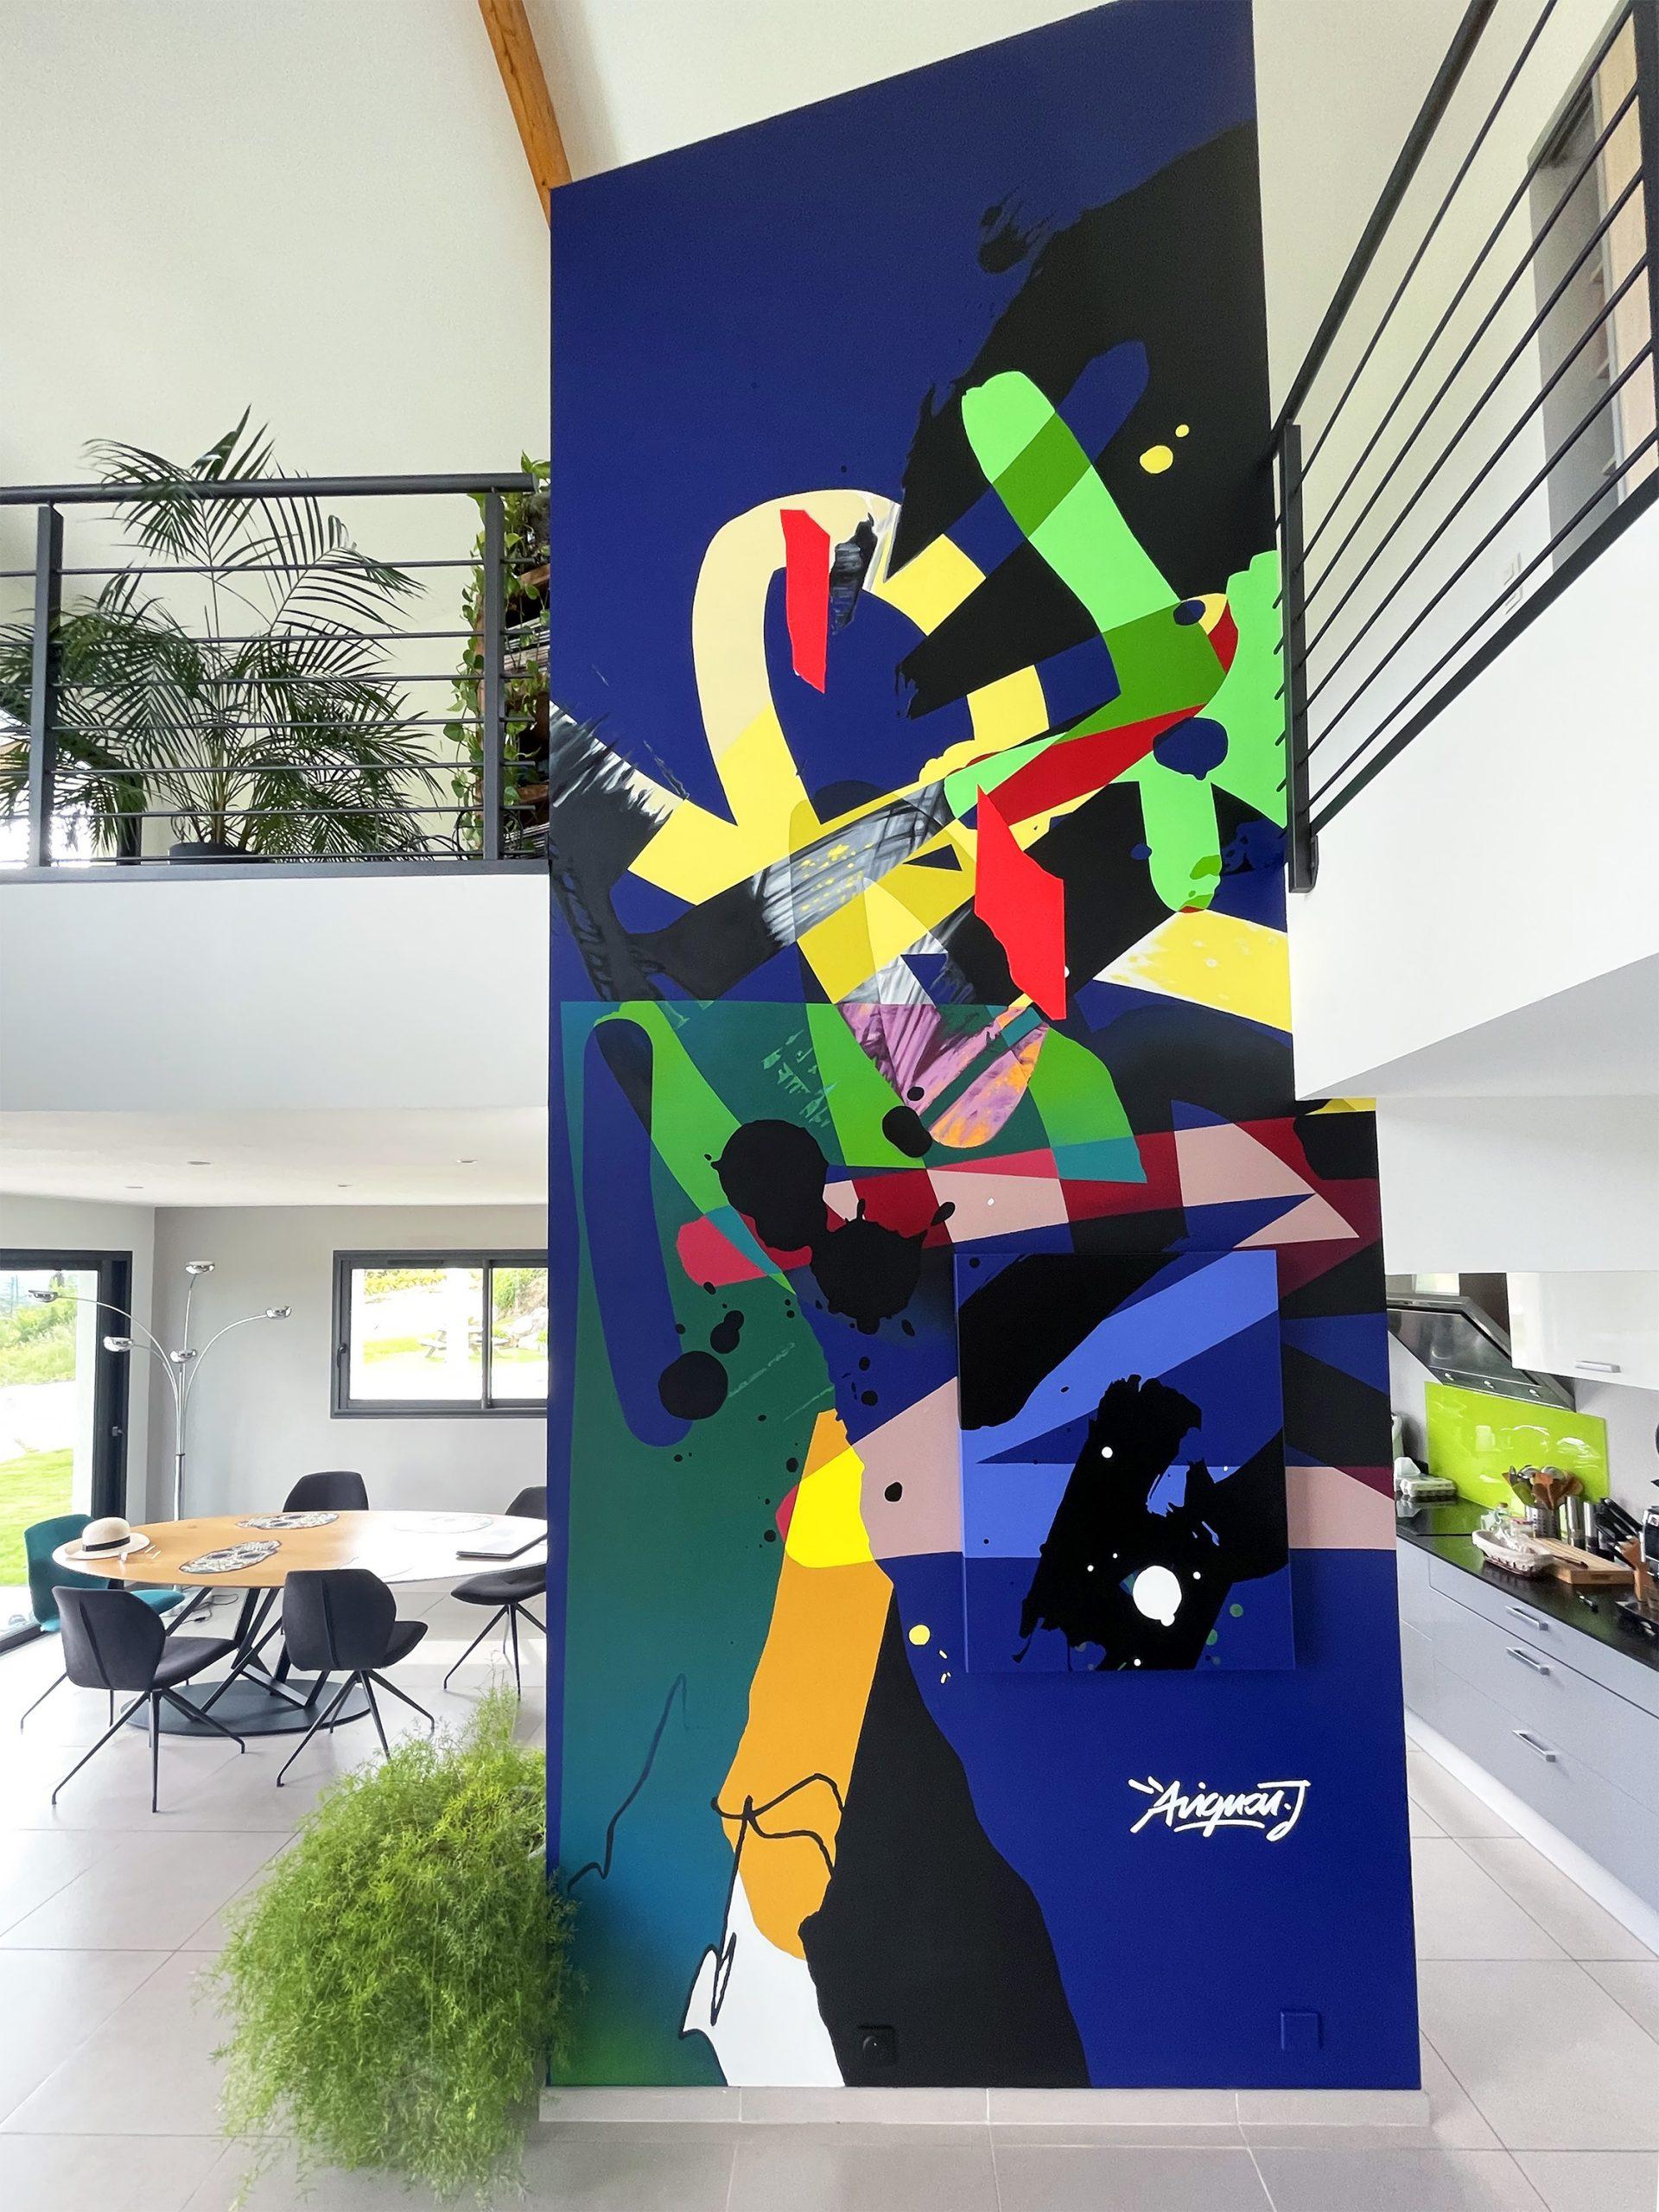 décoration-interieur-graphic-design-fresque-graffiti-design-toulouse-artiste-graffeur